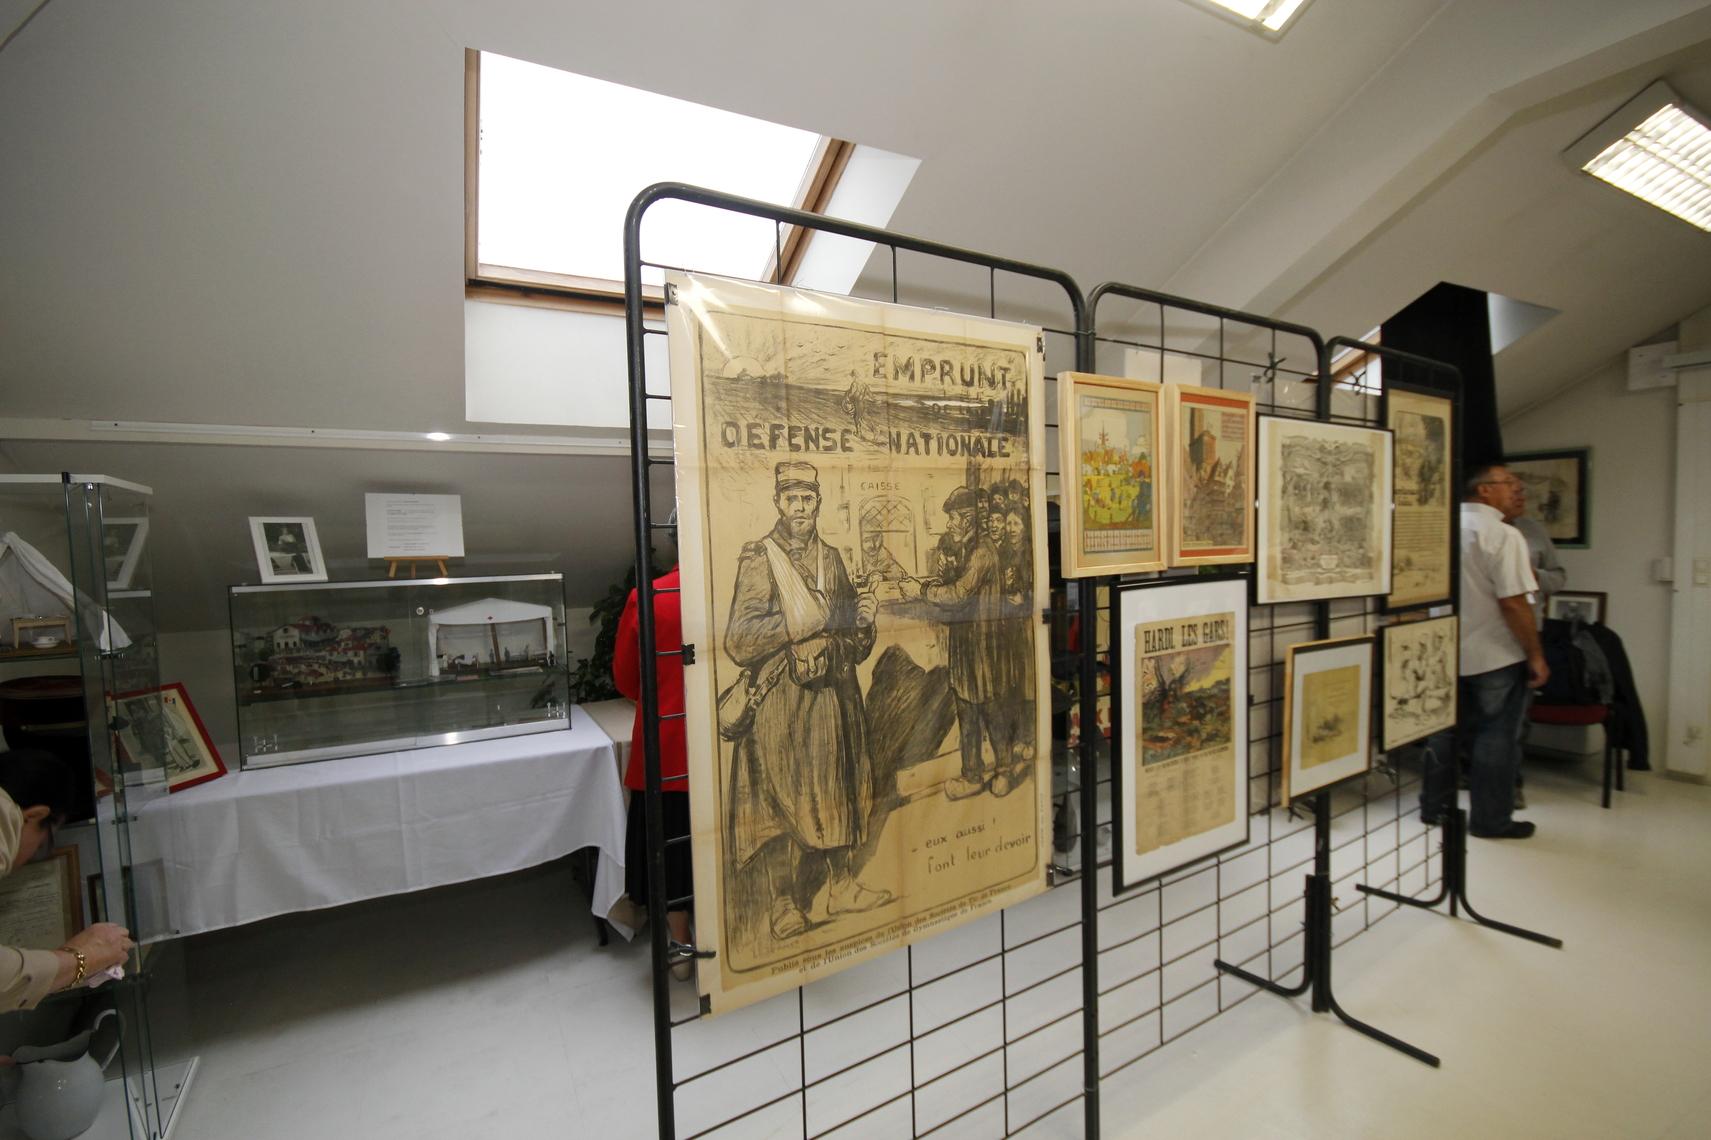 Durant la Grande Guerre, de nombreux artistes mettent leur art au service de l'État. Ici pour l'un des nombreux emprunts de la Défense Nationale.